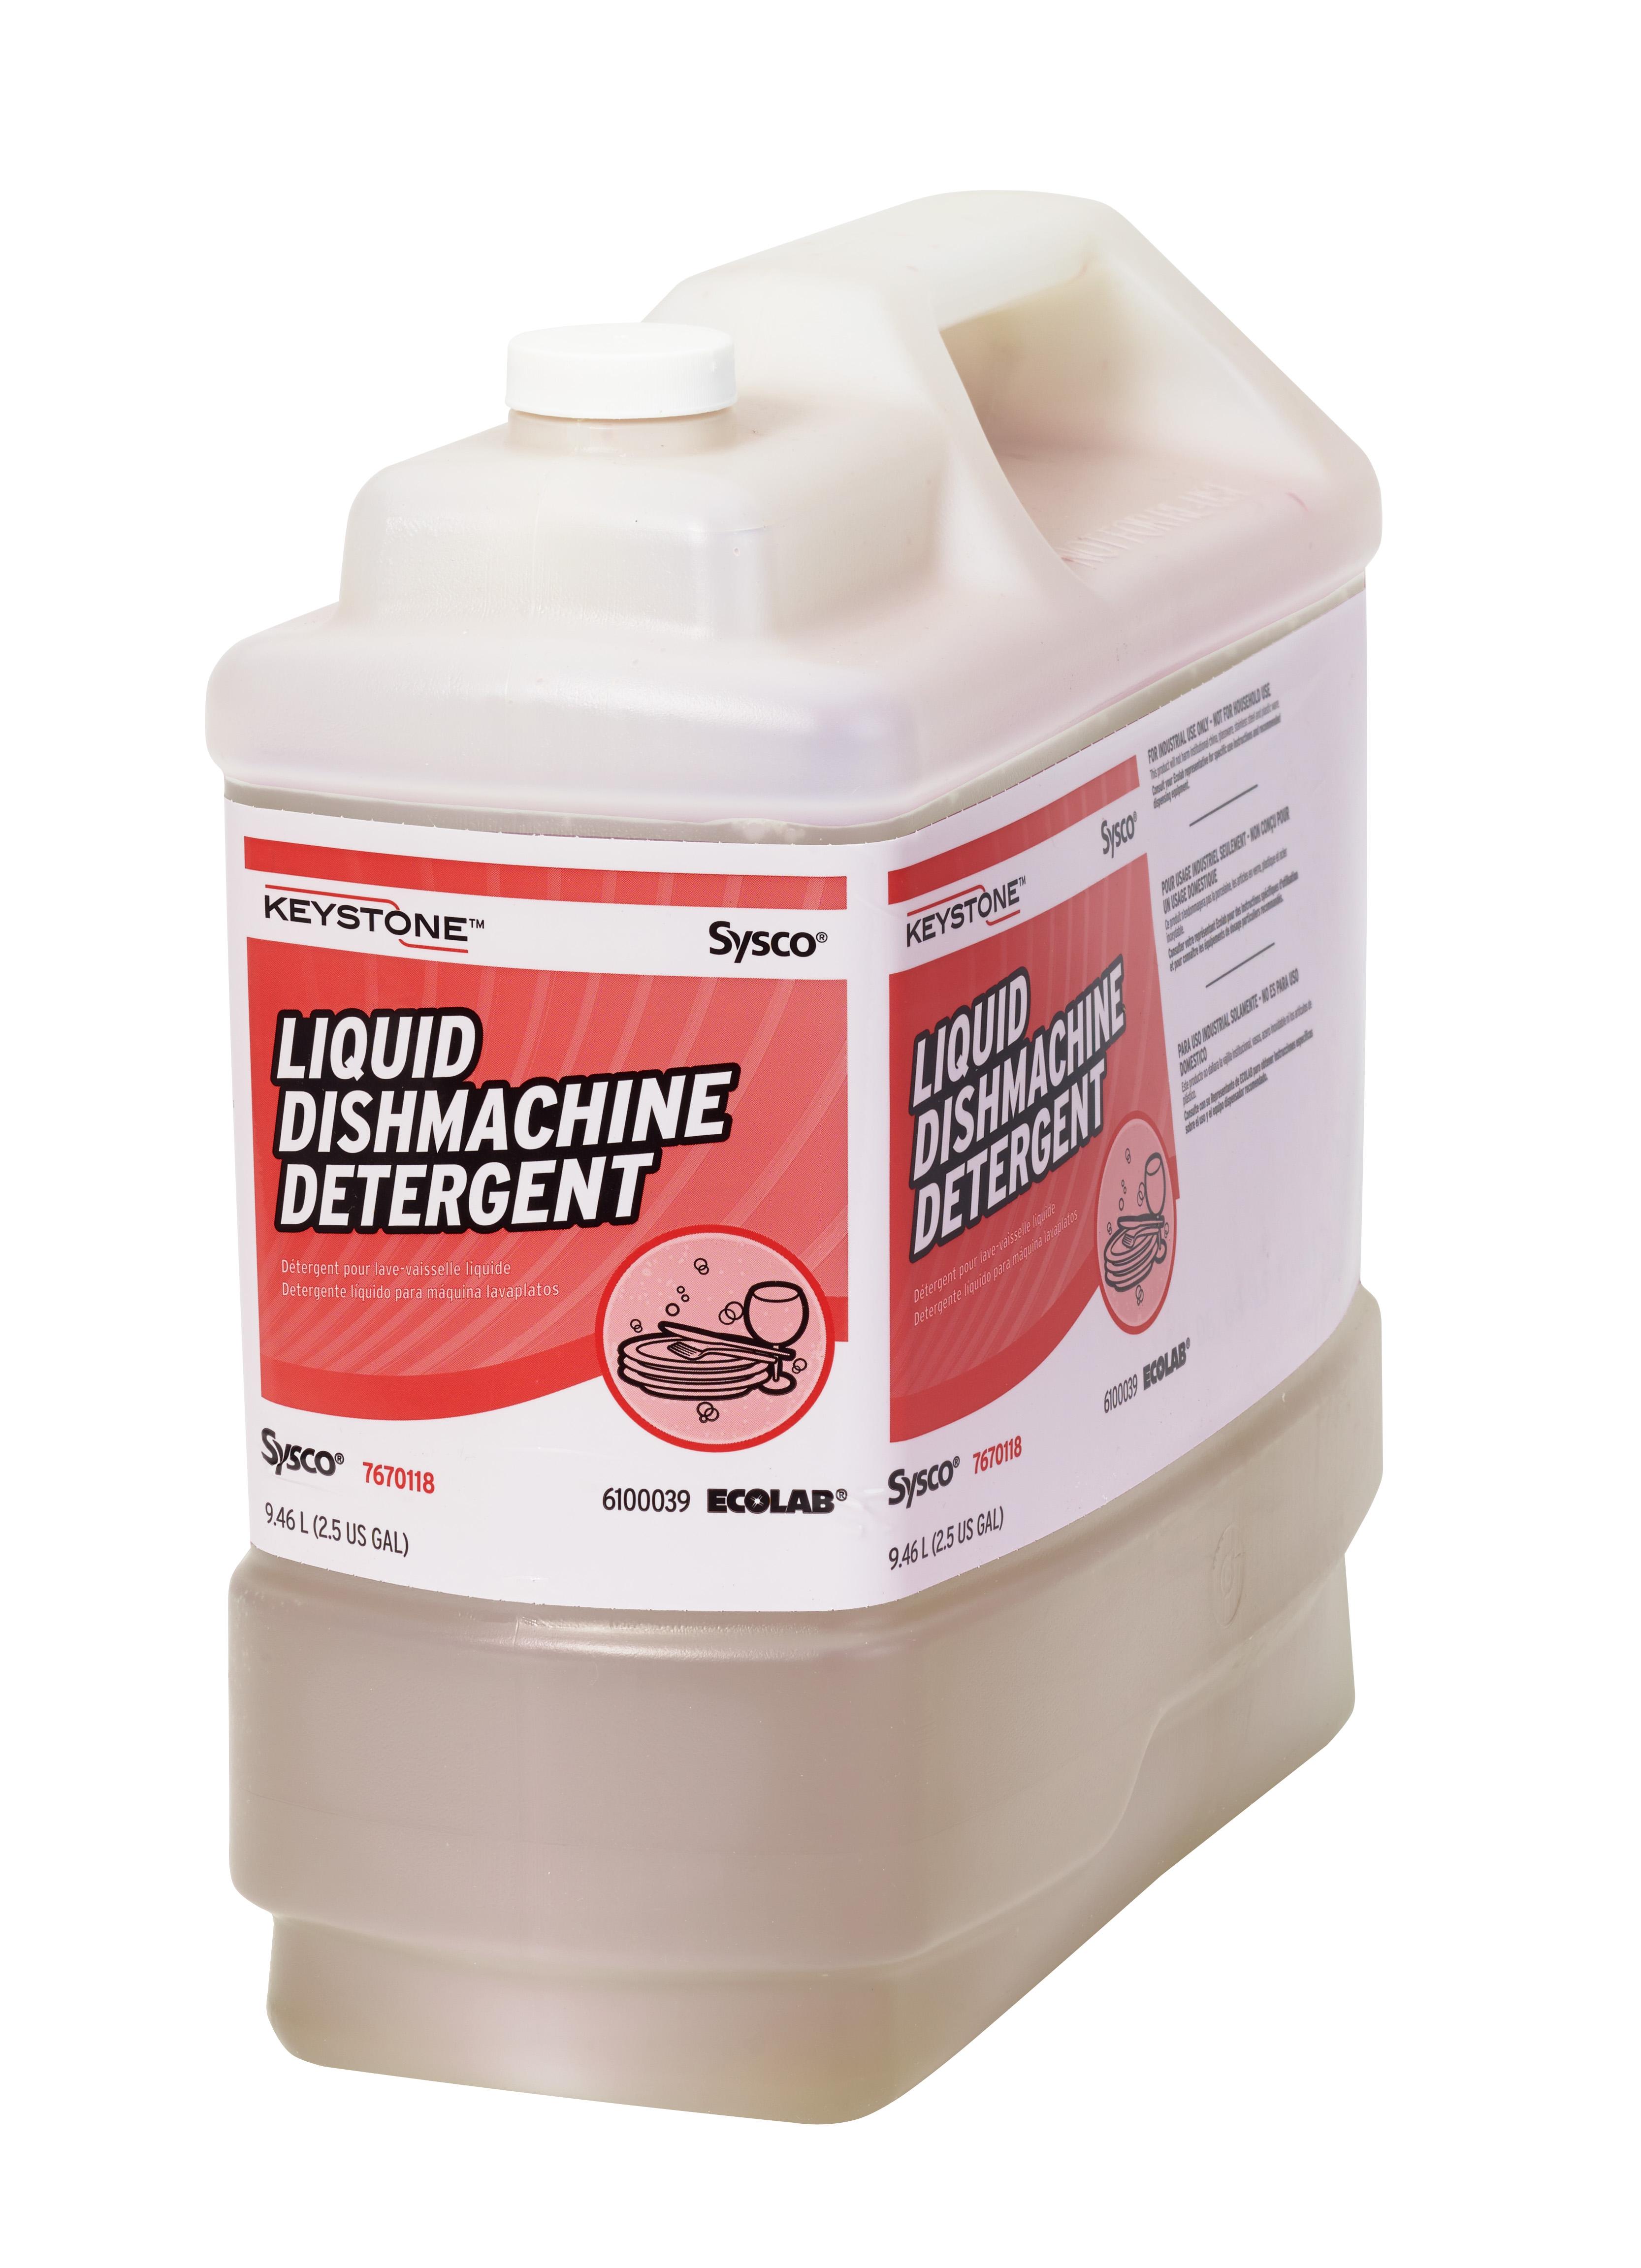 Keystone Liquid Dishmachine Detergent